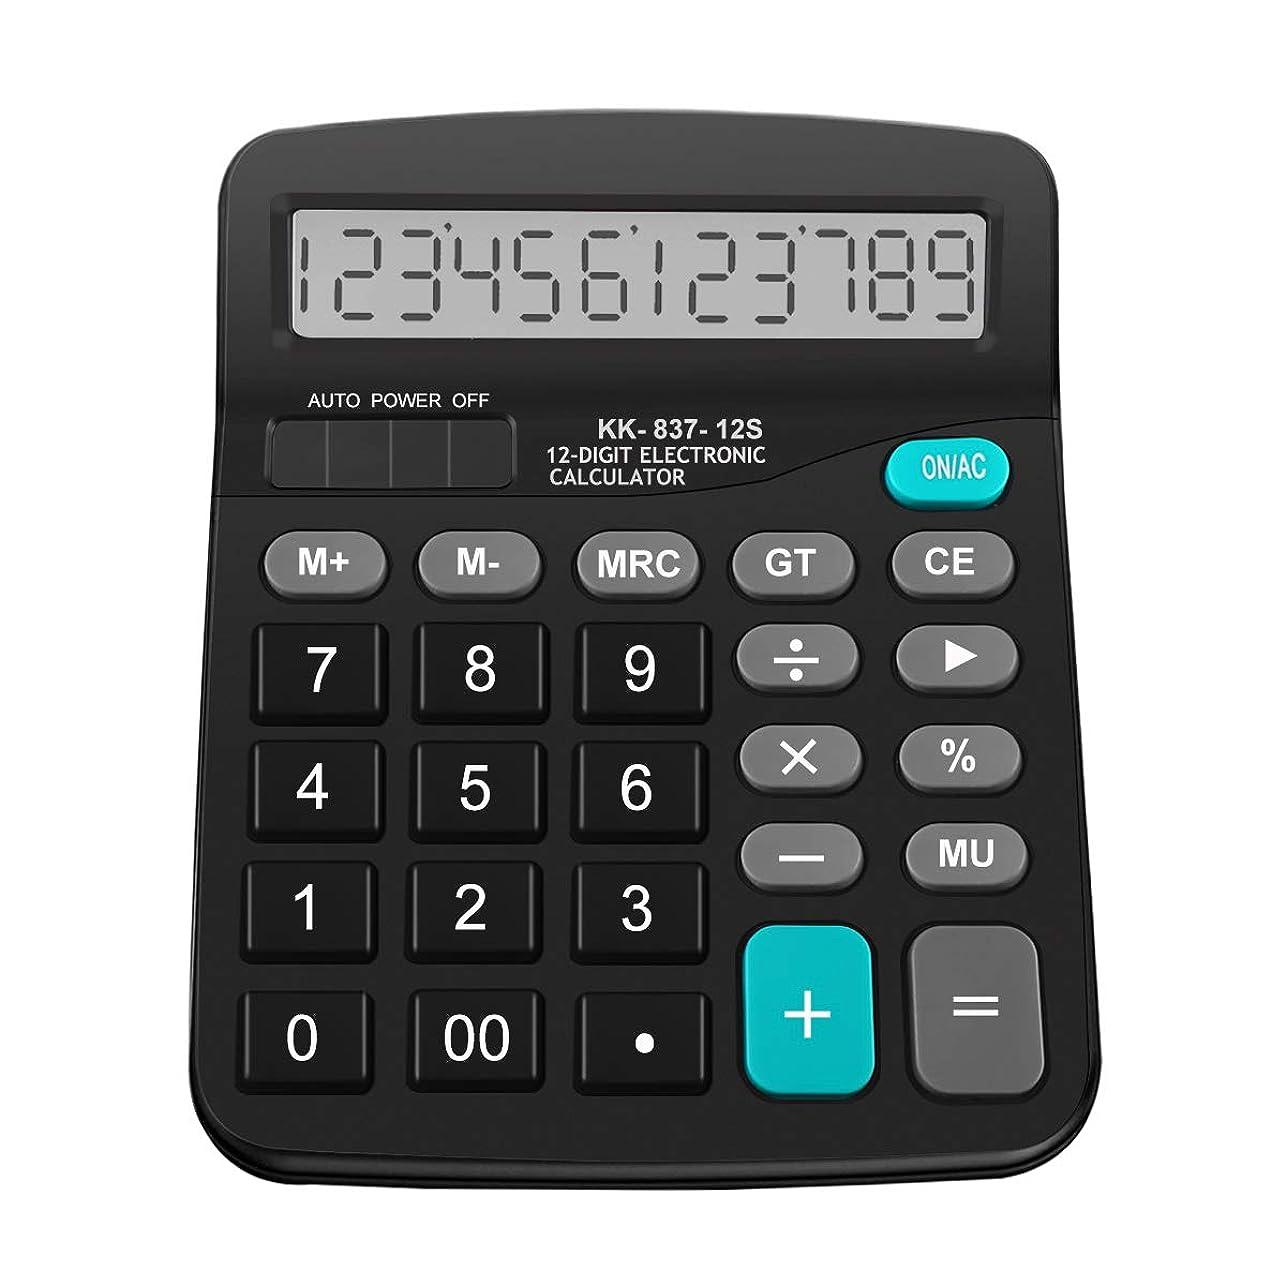 現実にはパック謝罪するHautoco 標準機能 電卓 基本デスク電卓 学校 オフィス ソーラー 単三電池電源 12桁 大型液晶ディスプレイ